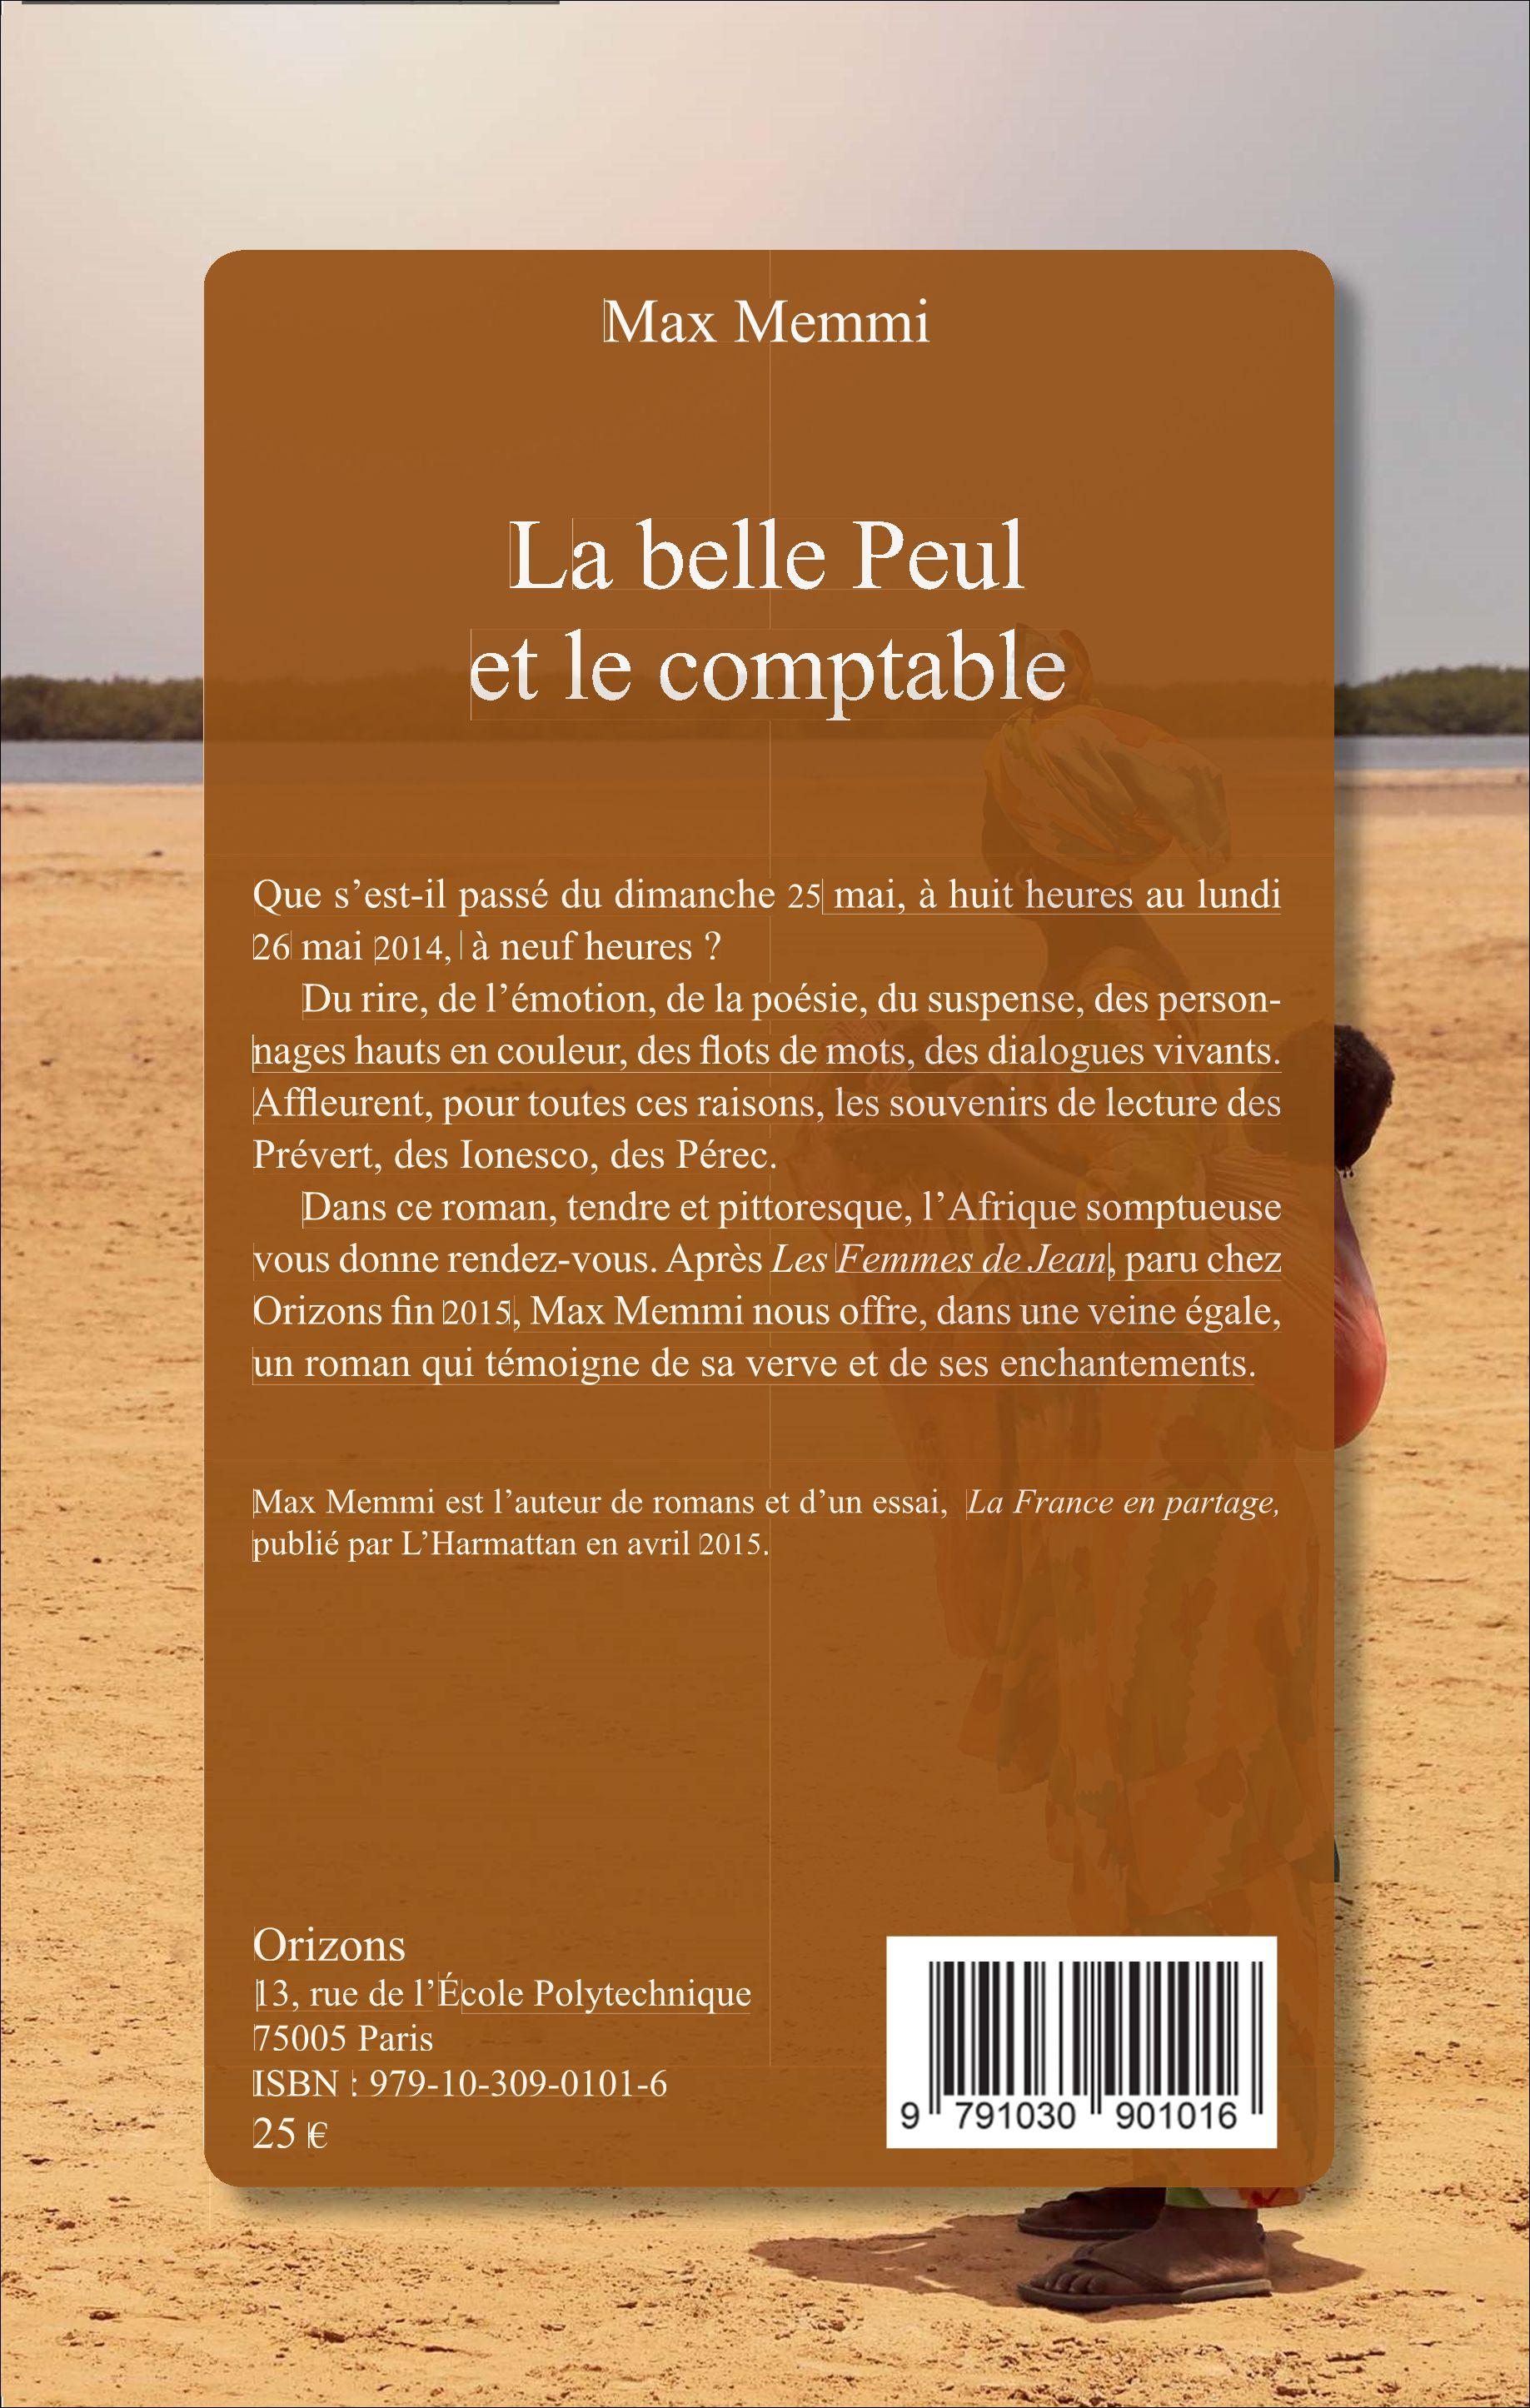 LA BELLE PEULE ET LE COMPTABLE Max Memmi Livre Ebook Epub - Carrelage salle de bain et tapis de selle anti glisse decathlon